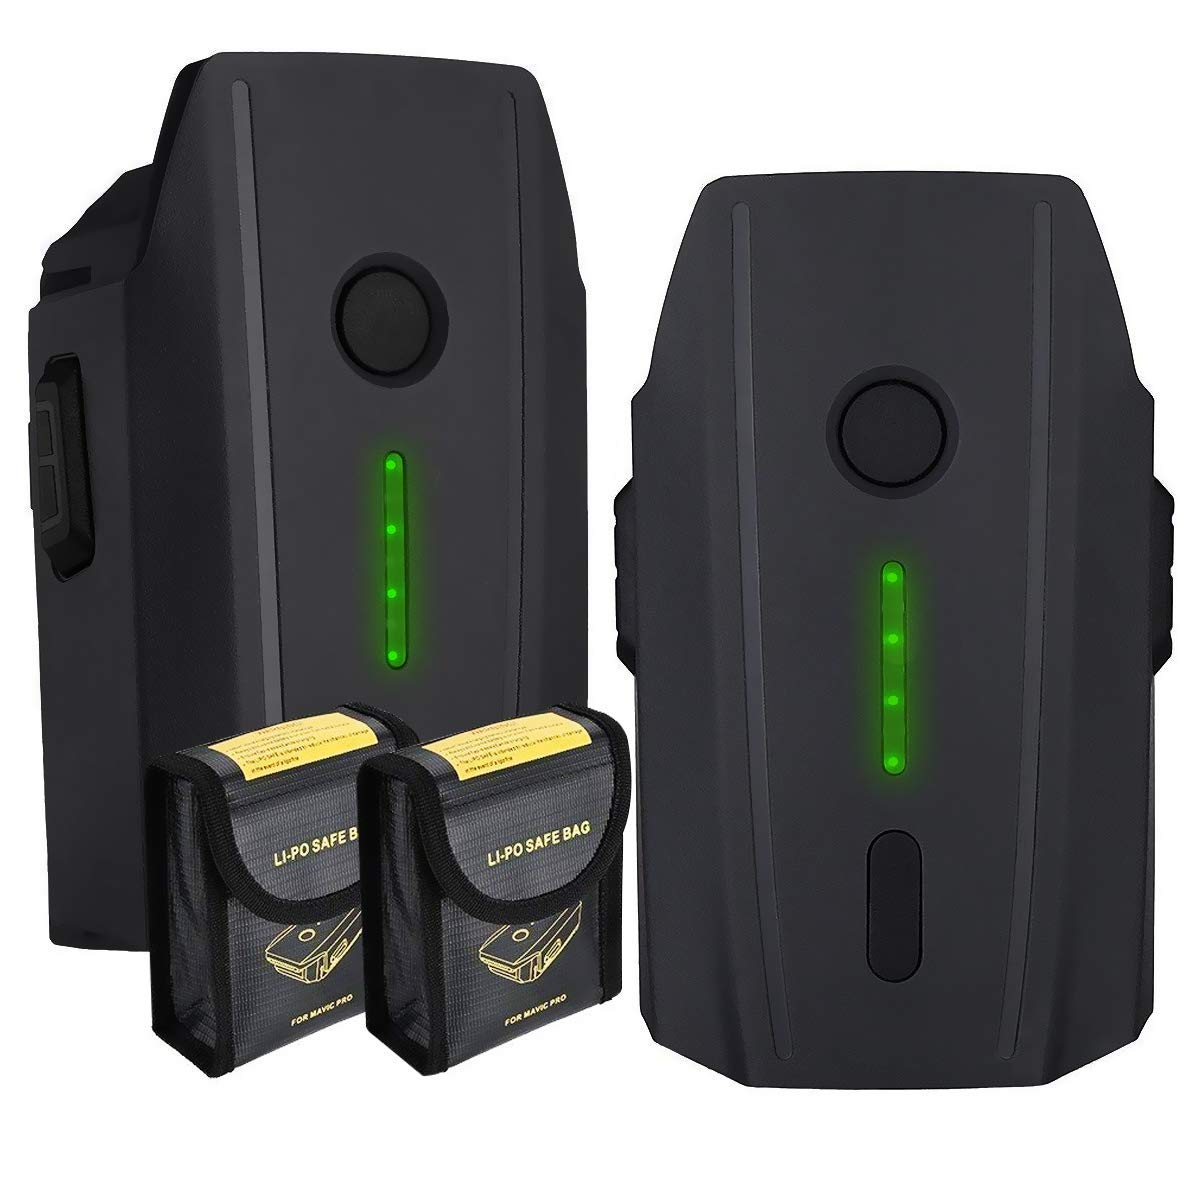 E-TS 2個パック バッテリー 交換用 DJI Mavic Pro バッテリー + 防爆 収納 バッテリーバッグ DJI Mavic Pro プラチナ&アルパインホワイトドローンに対応   B07GJJP4Y4